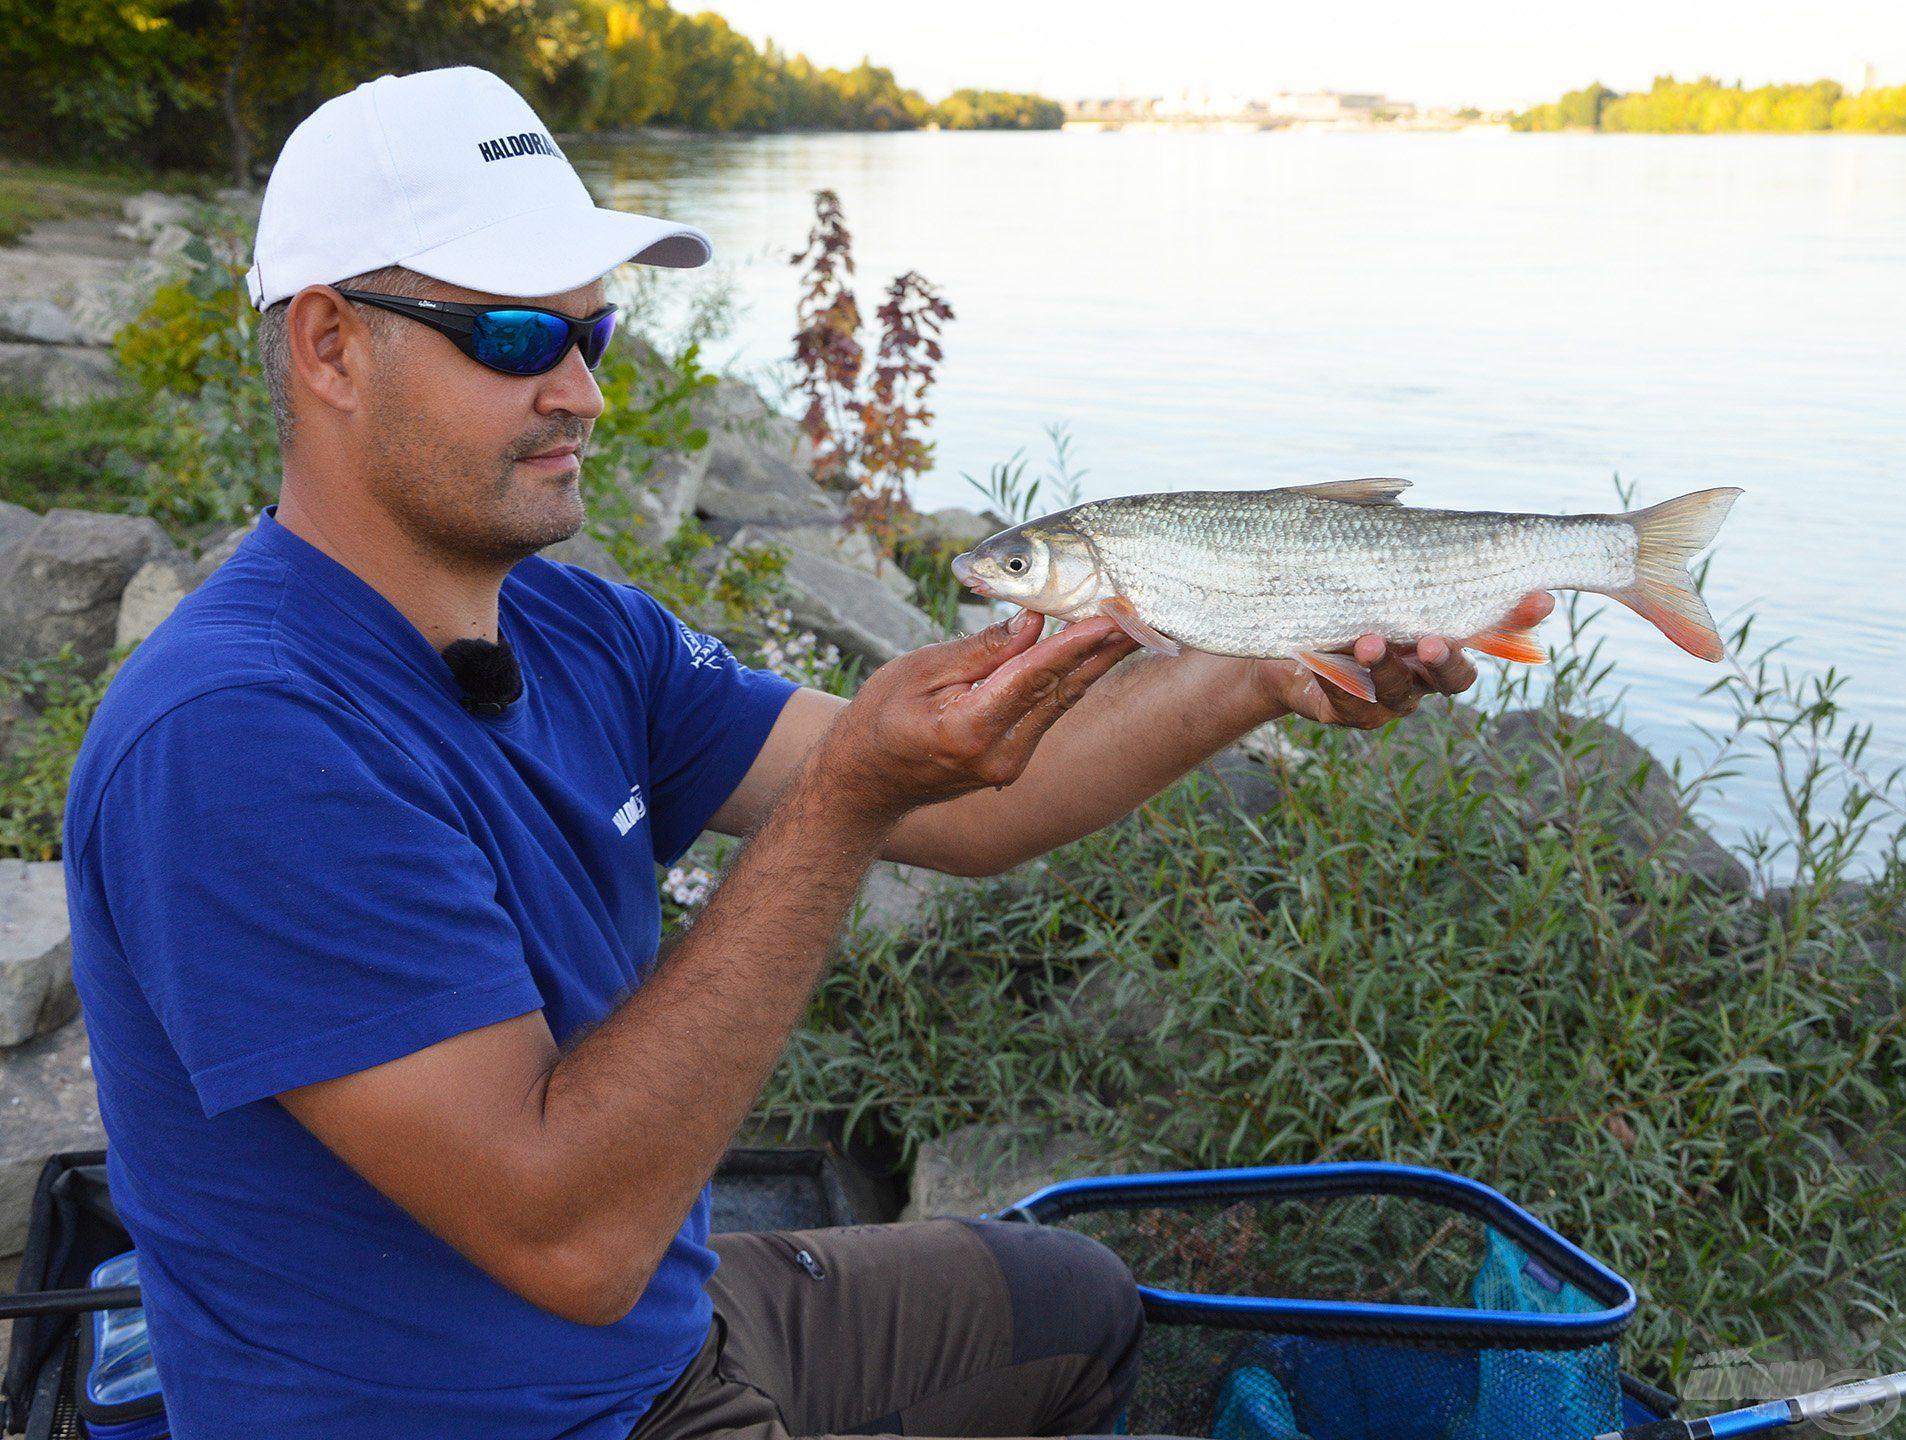 A folyóvízi halak is nehezen bírják a rabságot, csak akkor tartsuk meg, ha el is visszük őket